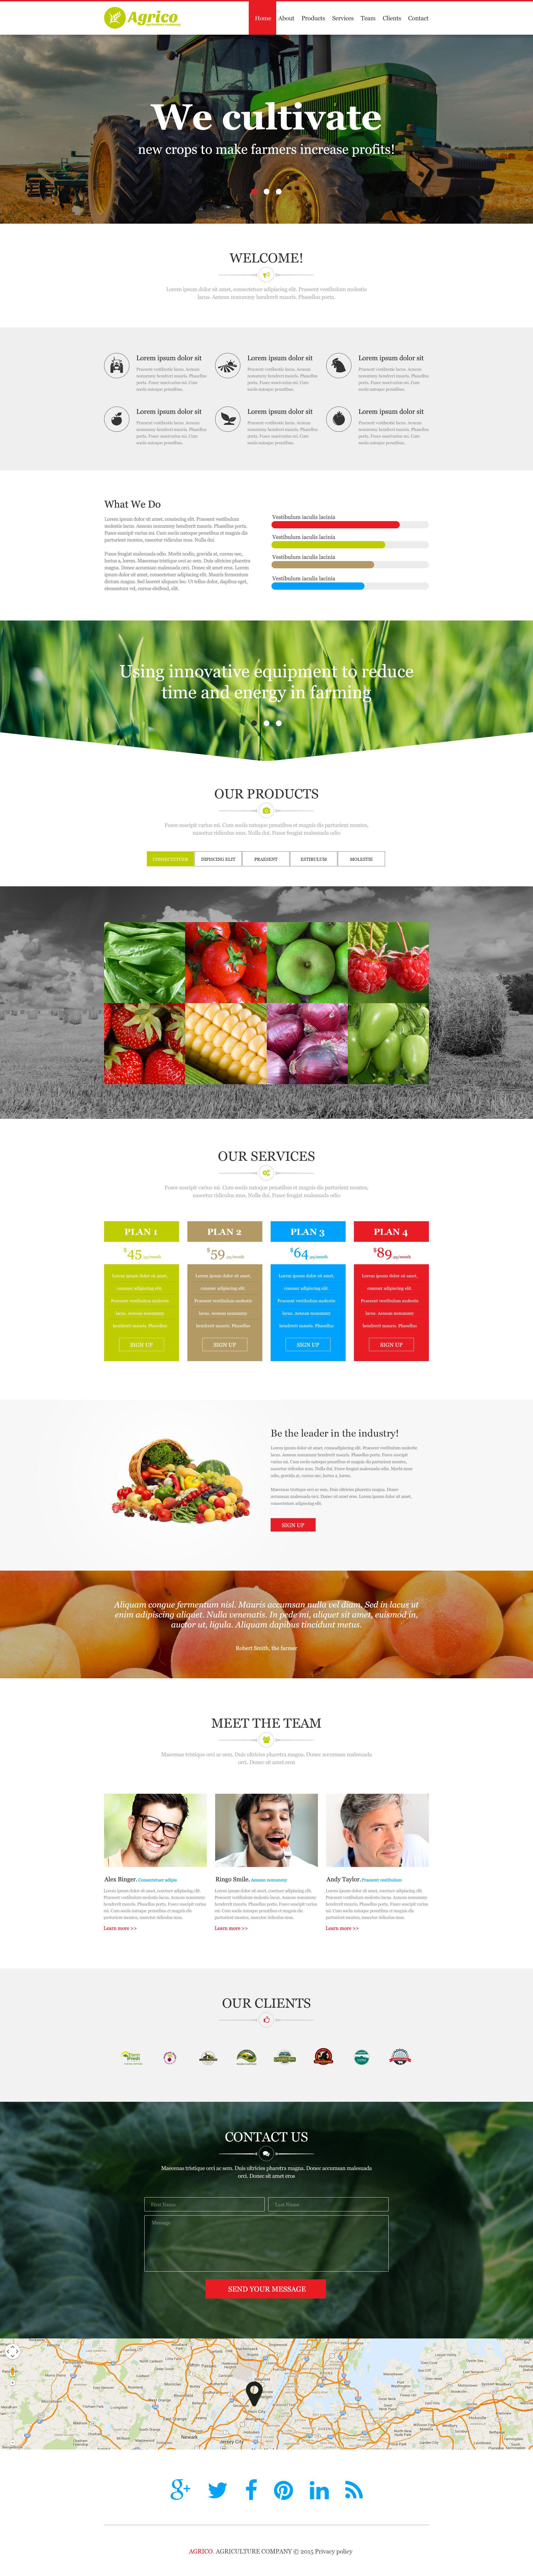 Muse шаблон №52629 на тему сельское хозяйство